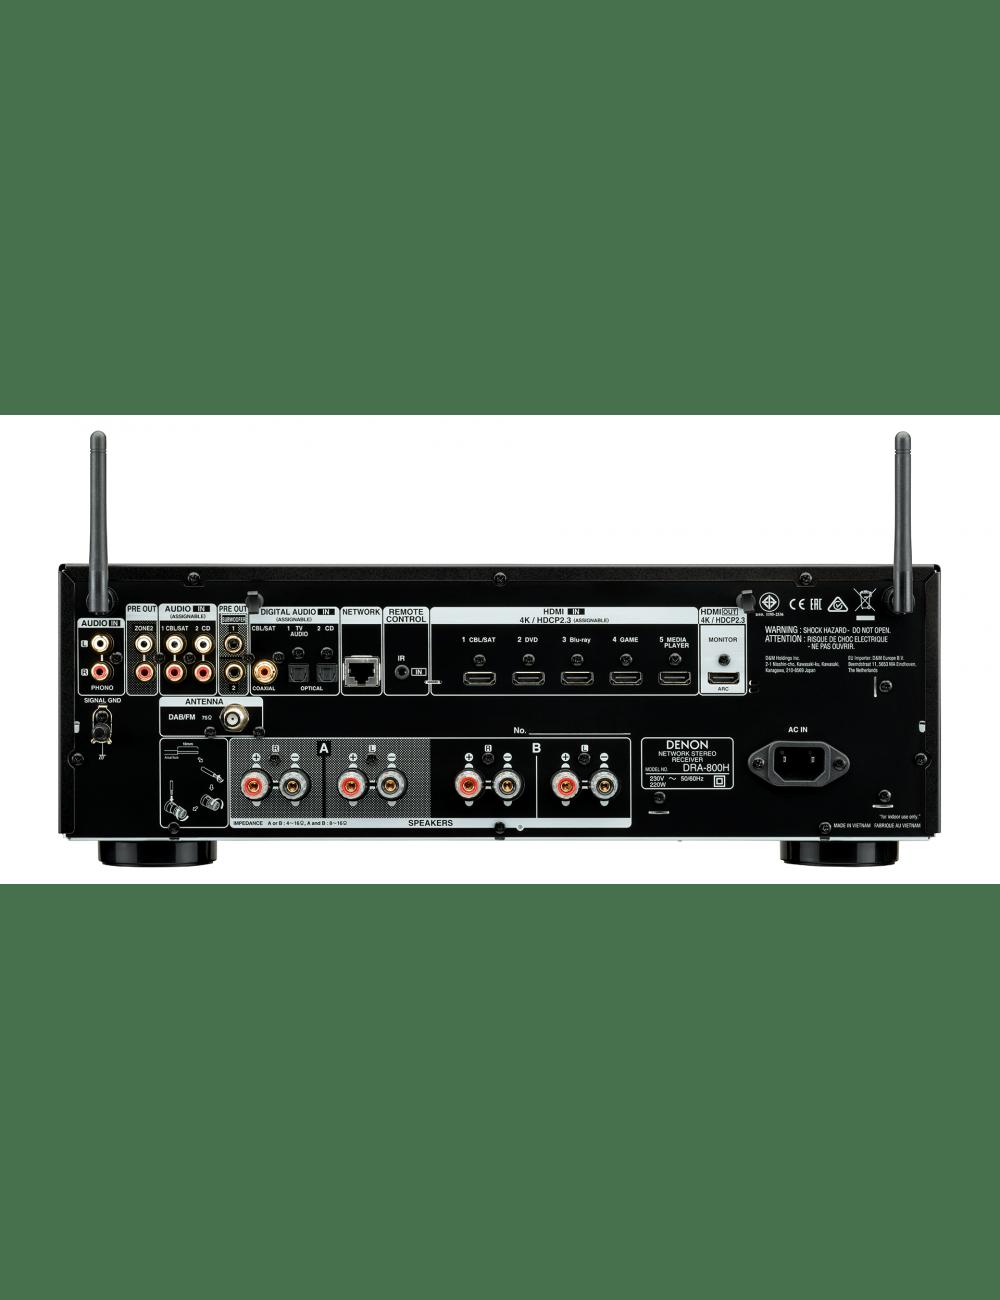 Sintoamplificatore 2 canali Hi-Fi di rete, Denon DRA-800H, vista posteriore pannello di connessione